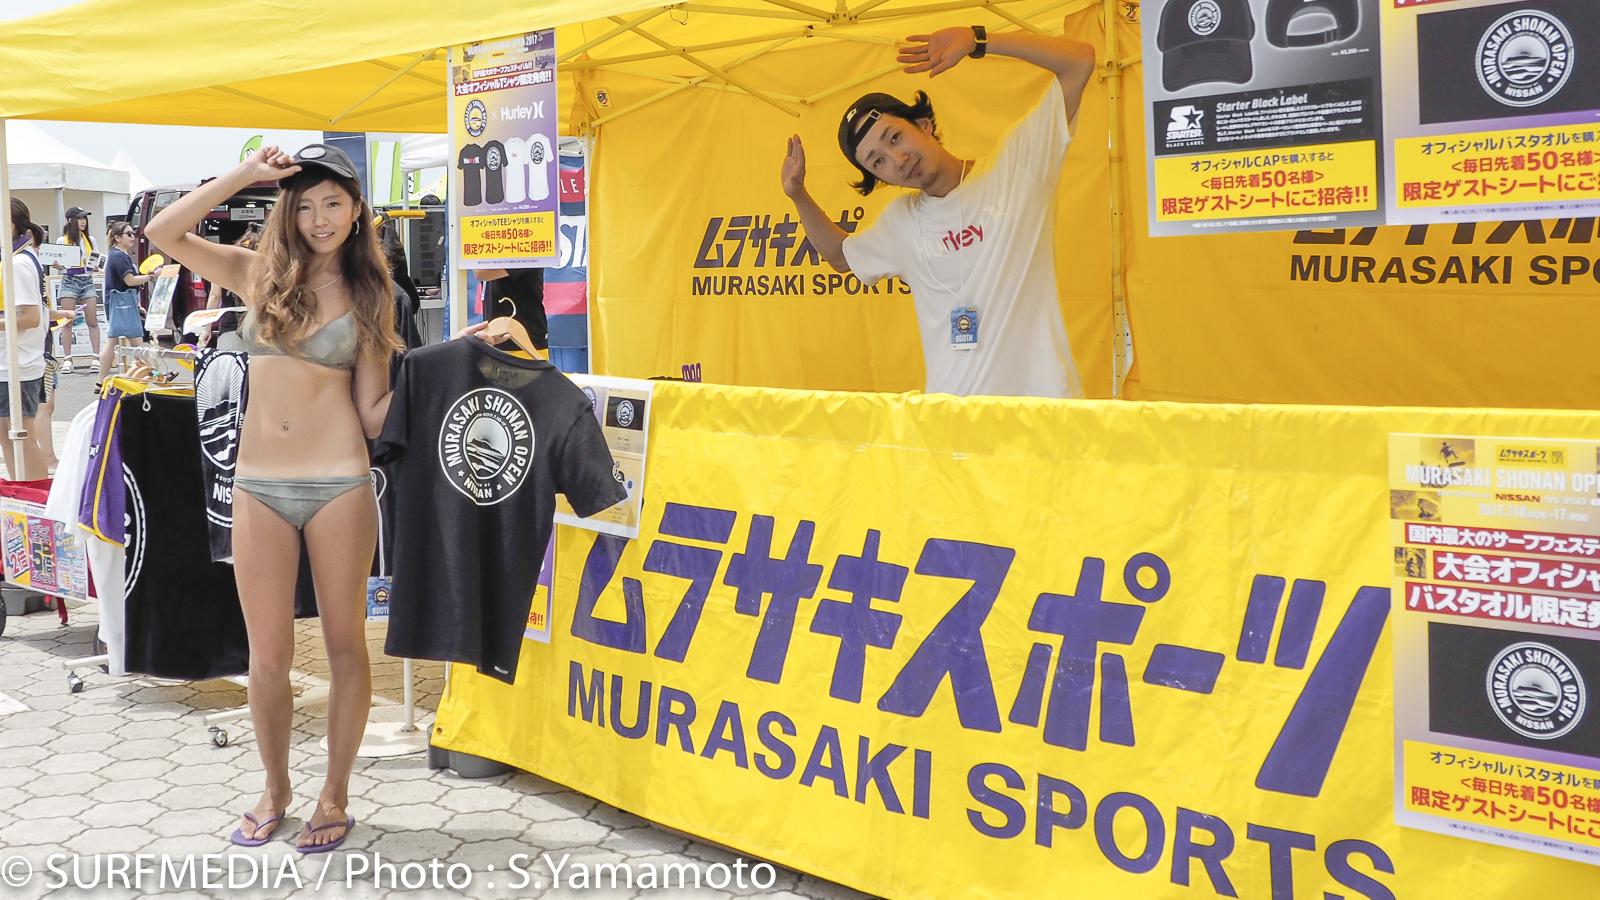 murasaki-2-7170004